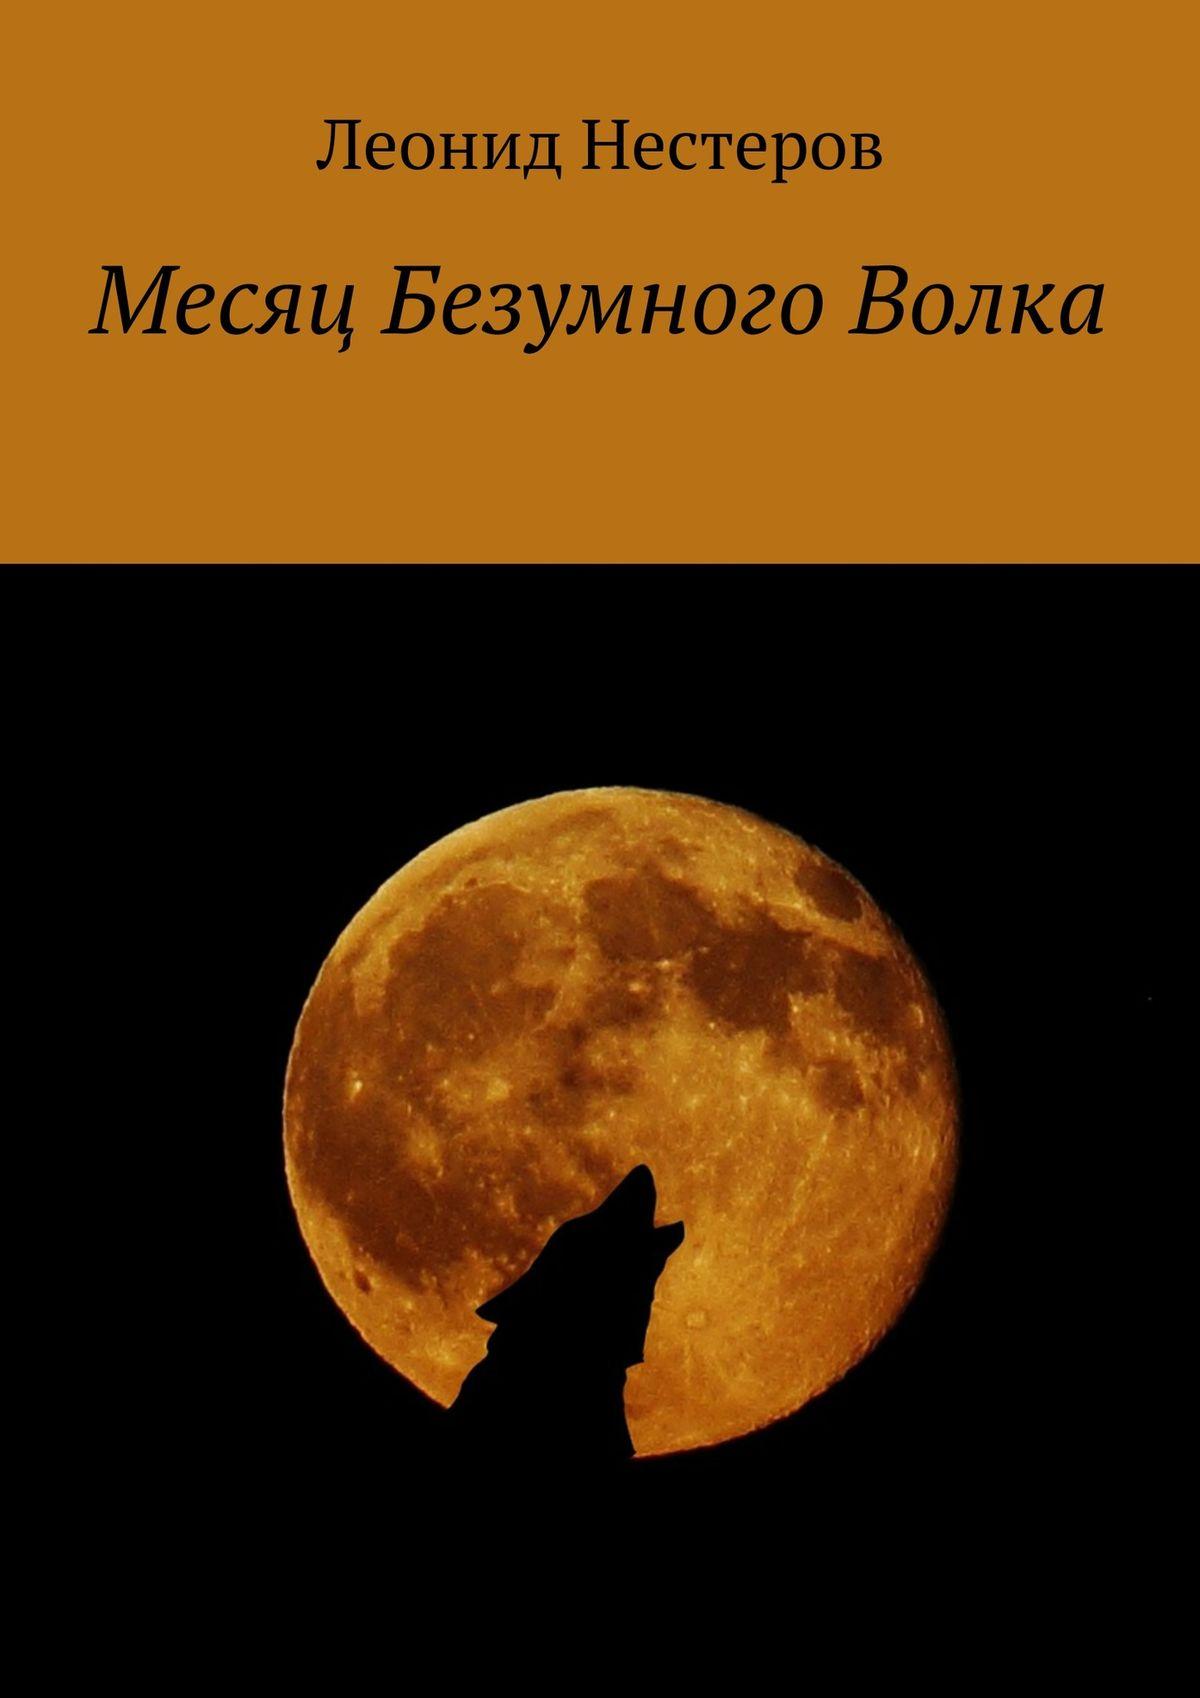 Месяц Безумного Волка